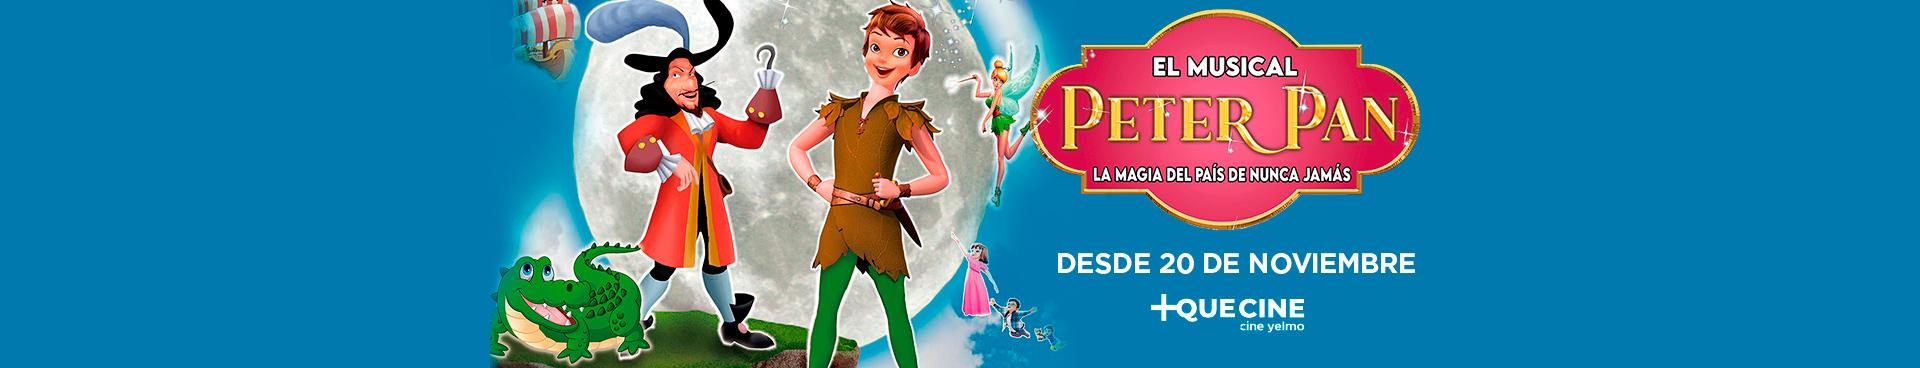 EL MUSICAL DE PETER PAN - El País de Nunca Jamás